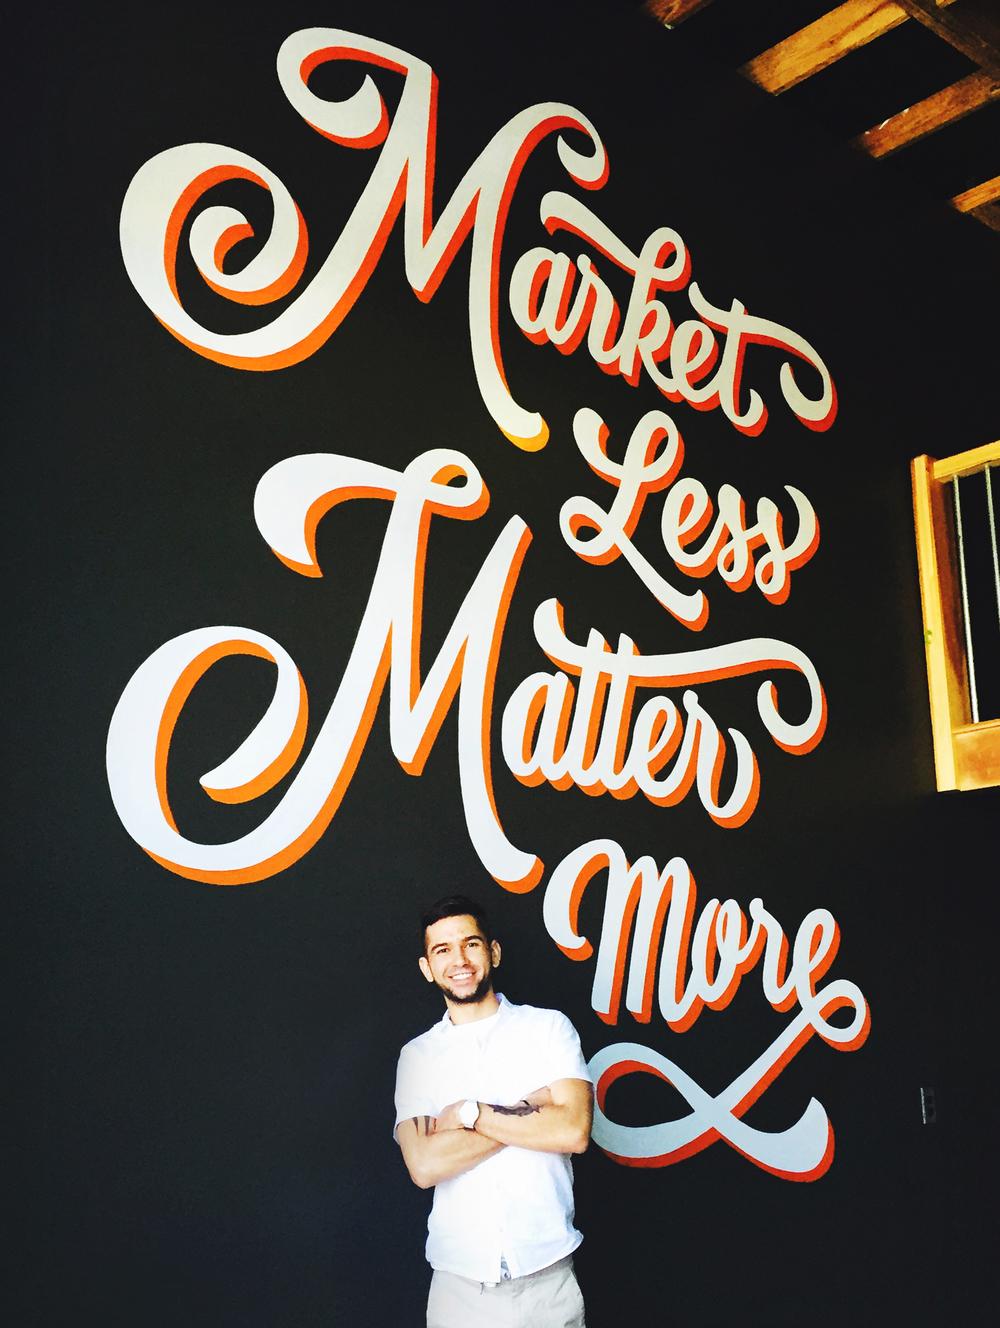 market-less-matter-more-leo-gomez-design-leogomestudio-01